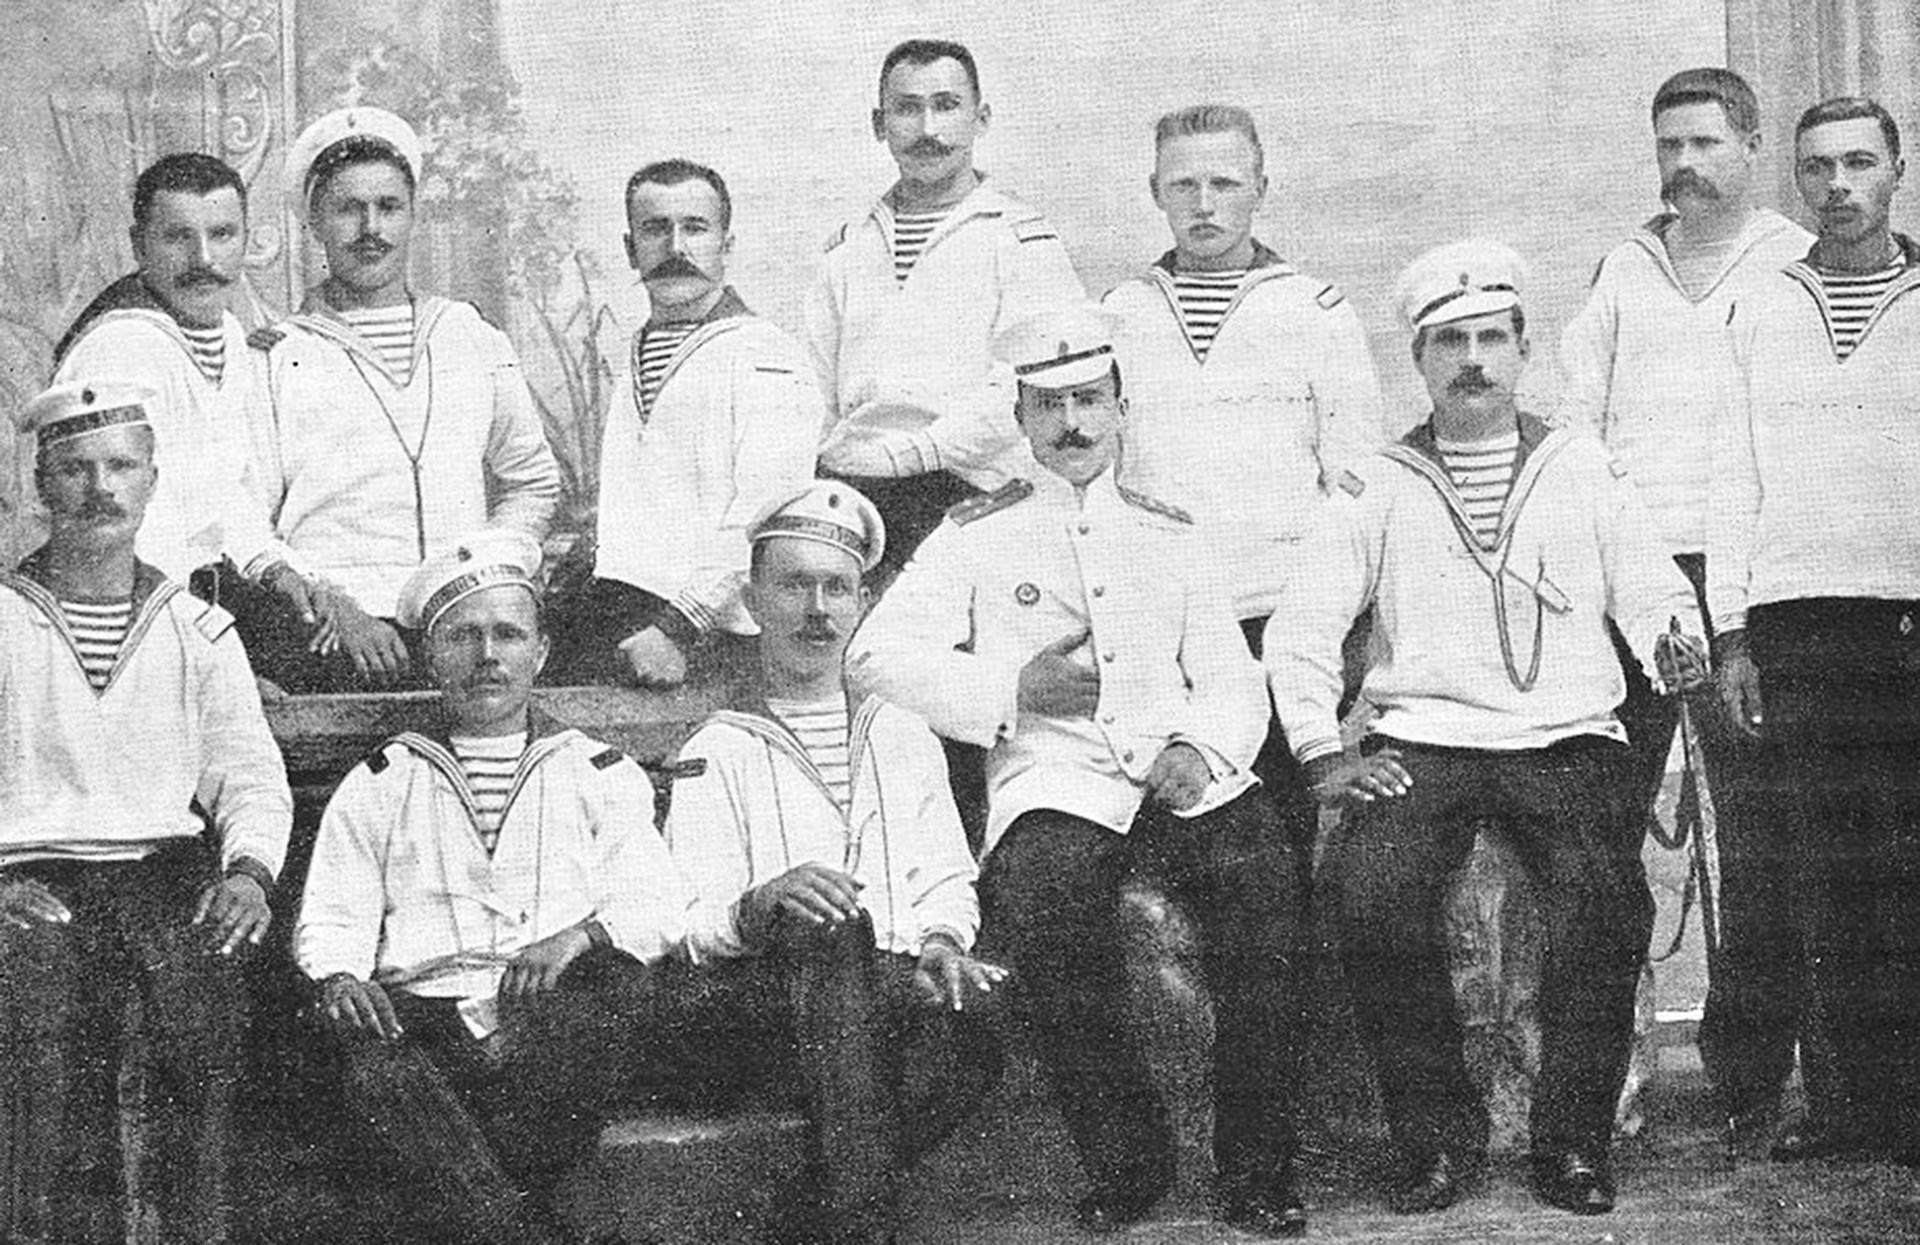 """Поједини чланови посаде оклопњаче """"Потемкин"""". Поручник у центру ове групе био је један од официра које су бунтовници убили."""